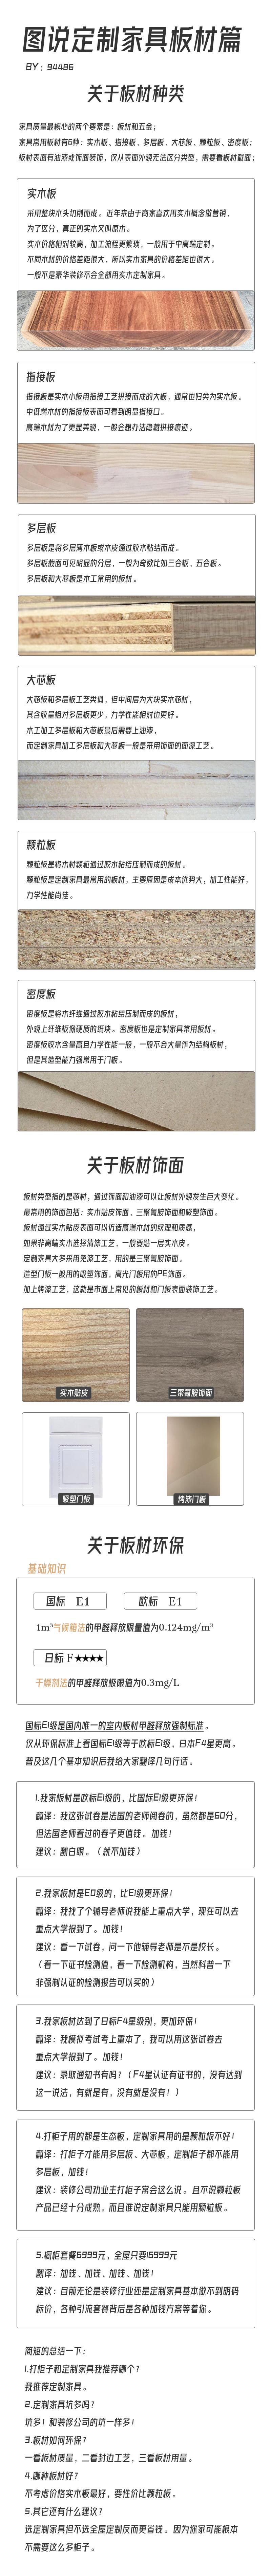 一張圖就能帶你了解定制家具,板材篇